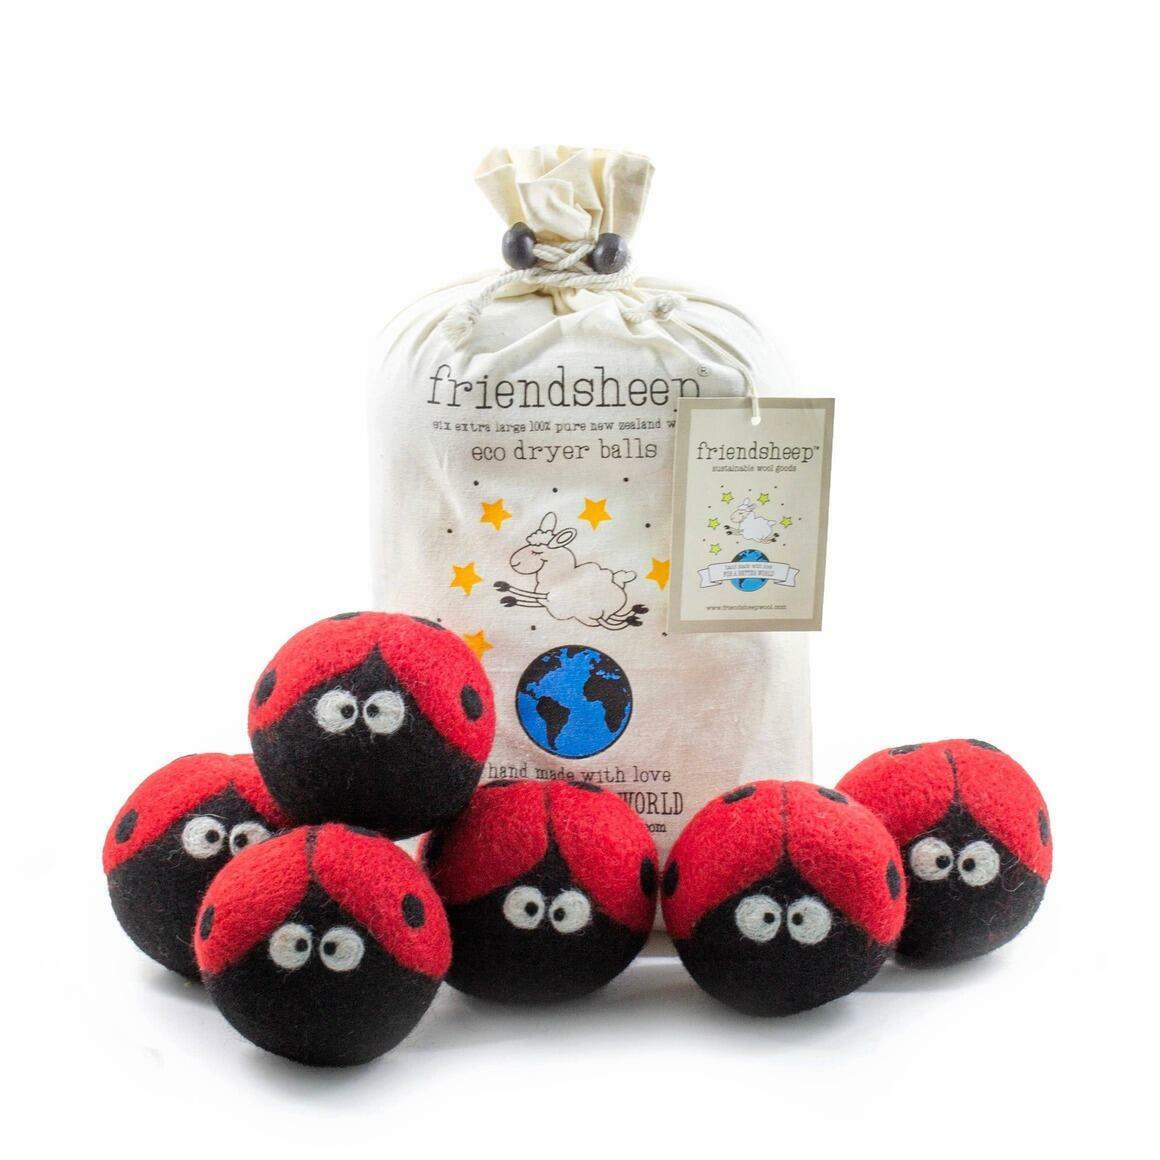 Laundrybugs Eco Dryer Balls   Trada Marketplace